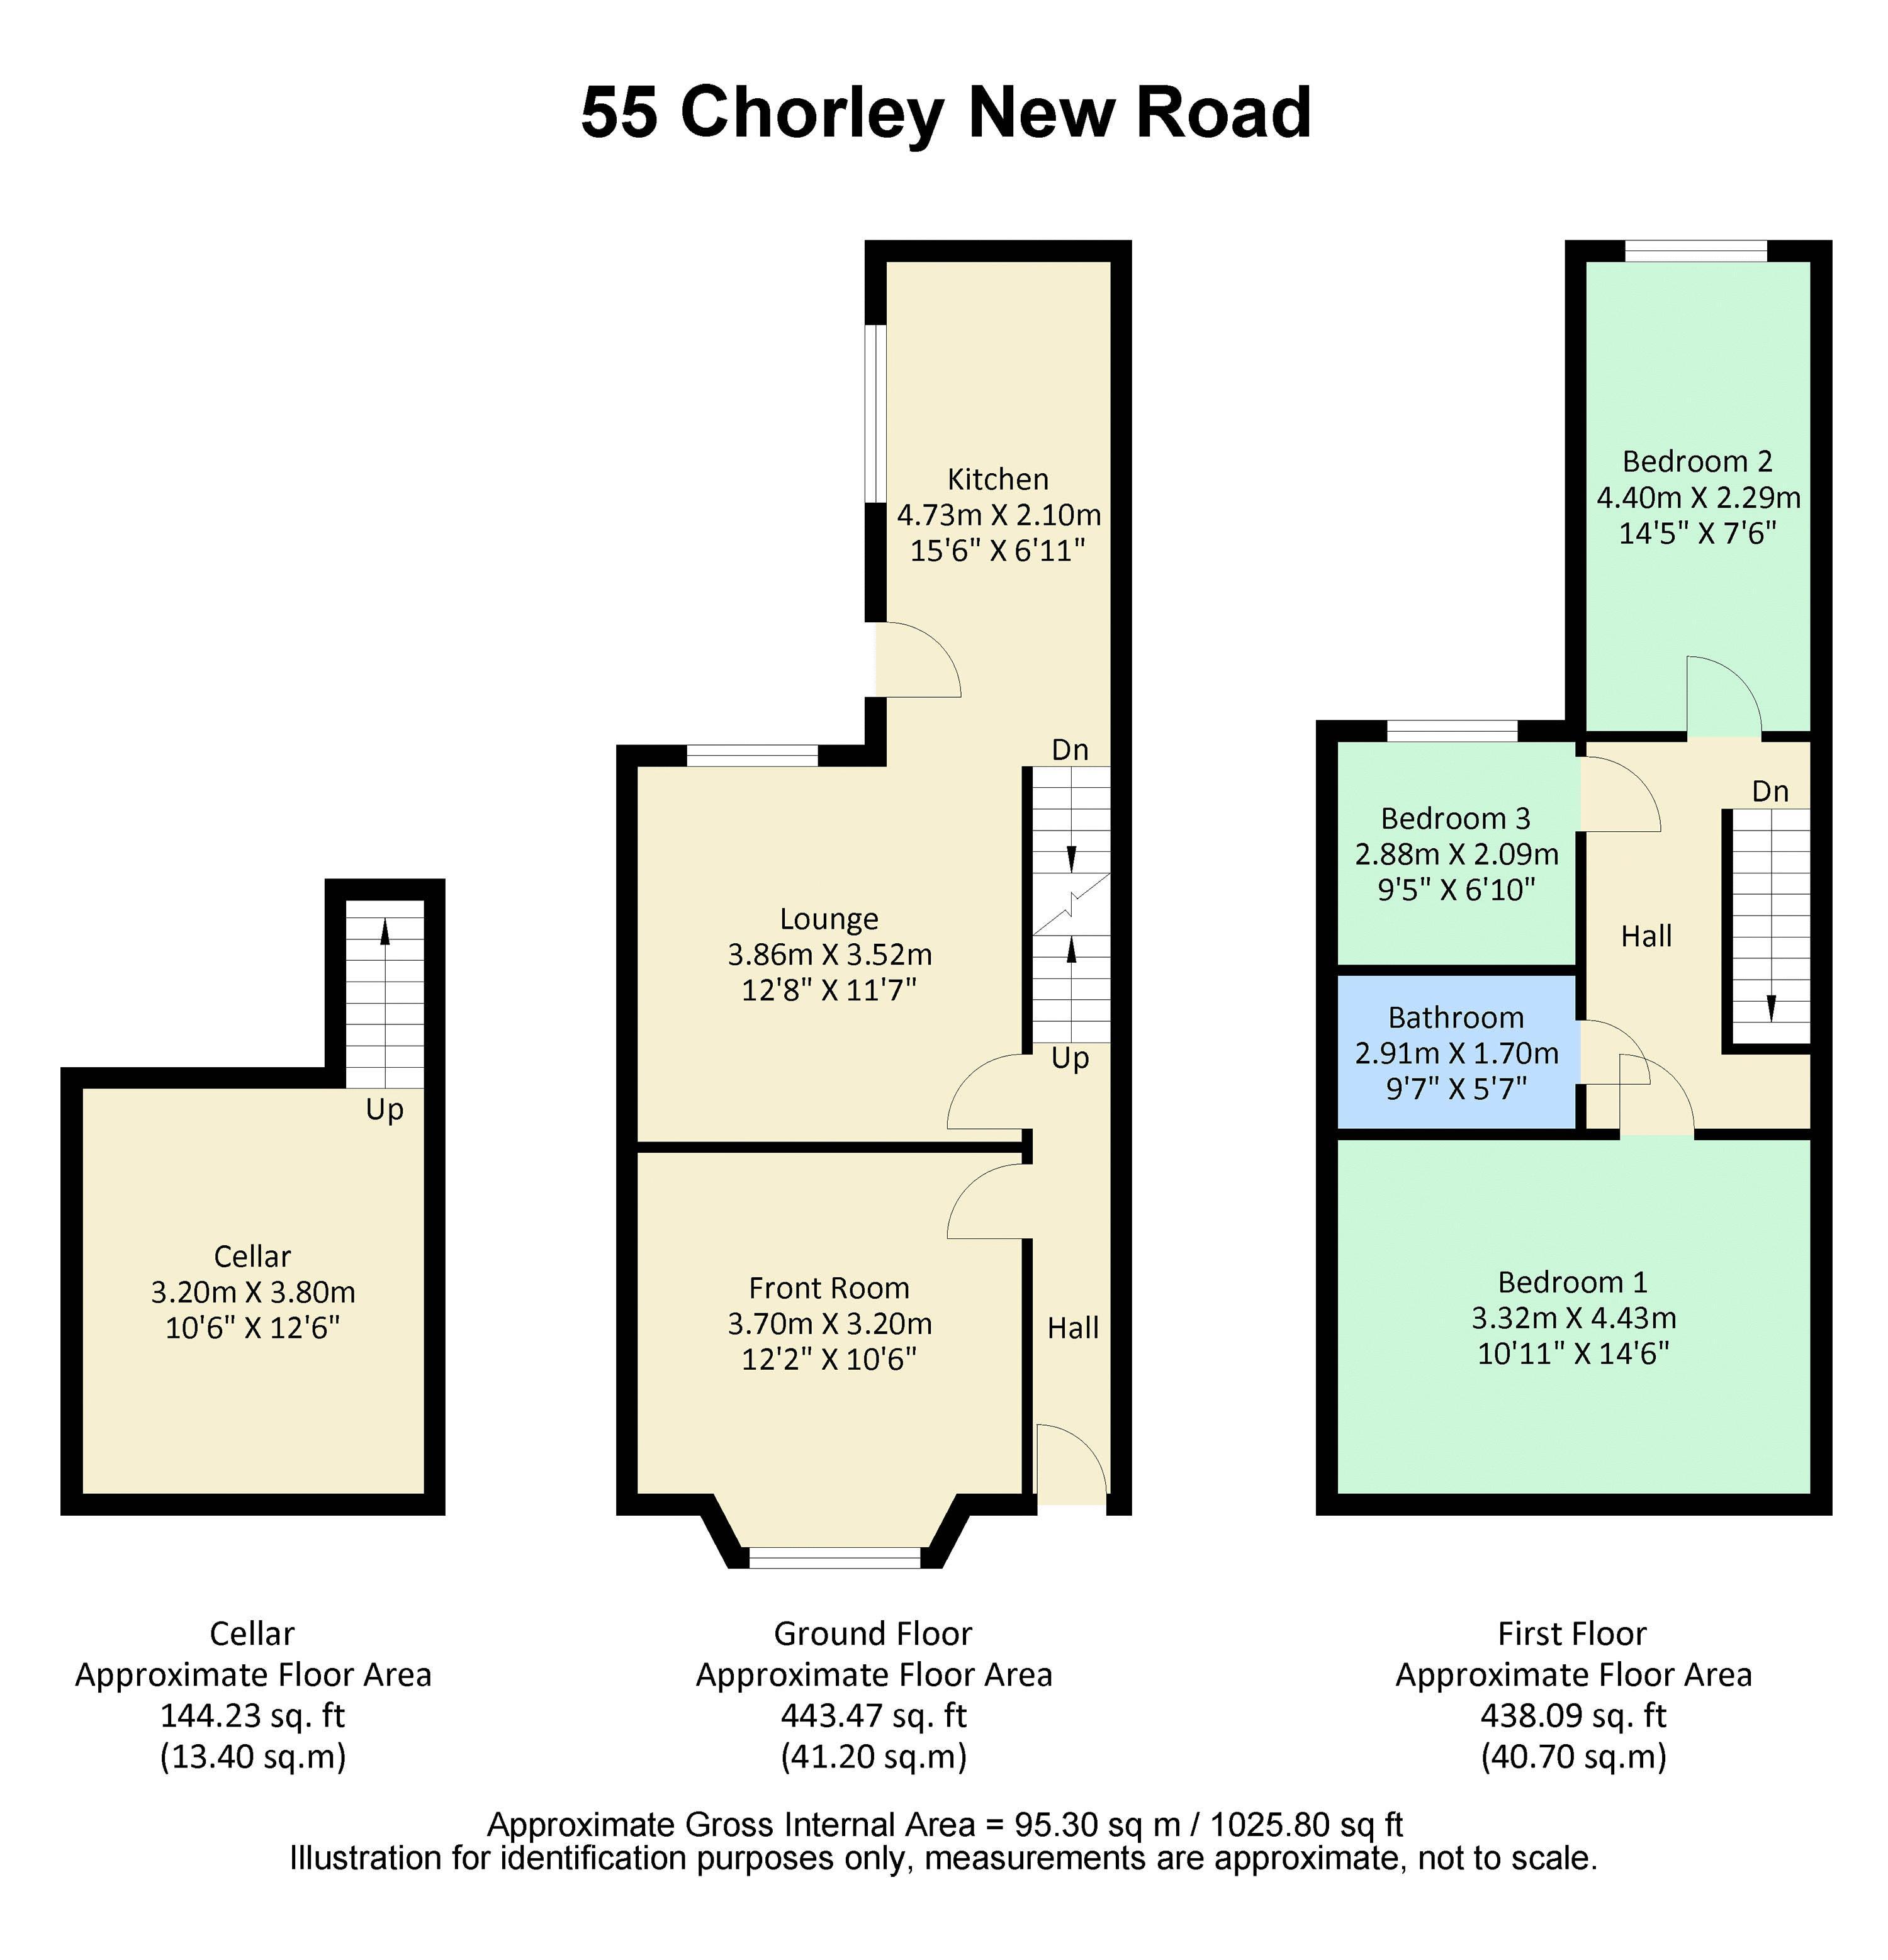 55 Chorley New Road